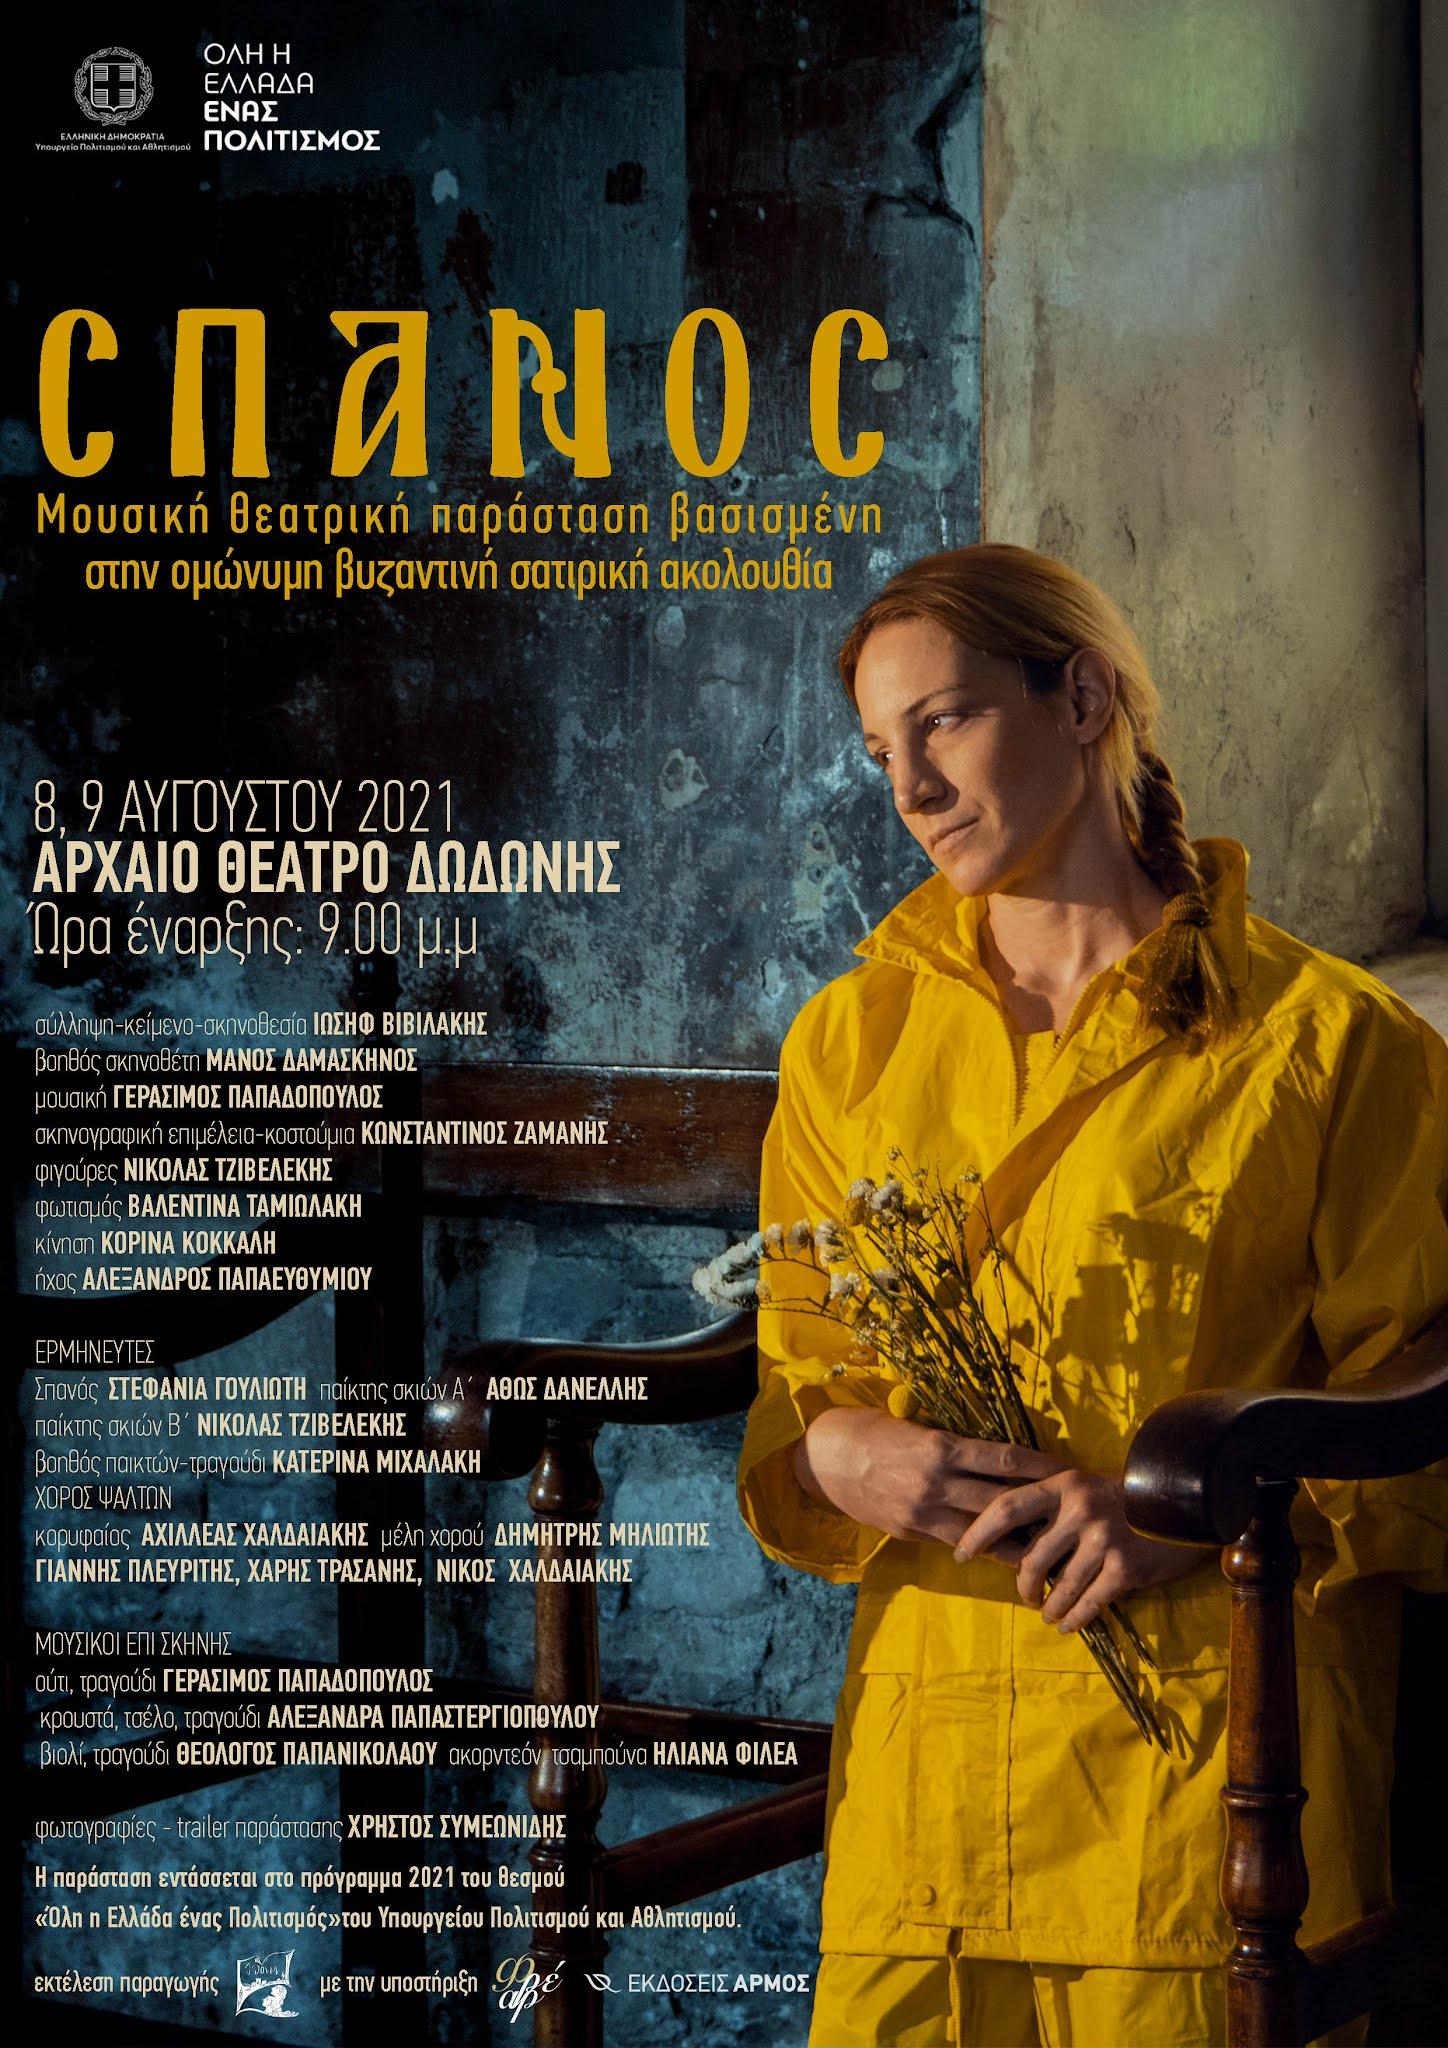 ΣΠΑΝΟΣ Μια μουσική θεατρική παράσταση βασισμένη στην ομώνυμη βυζαντινή σάτιρα  Aρχαίο Θέατρο Δωδώνης 8, 9 Αυγούστου